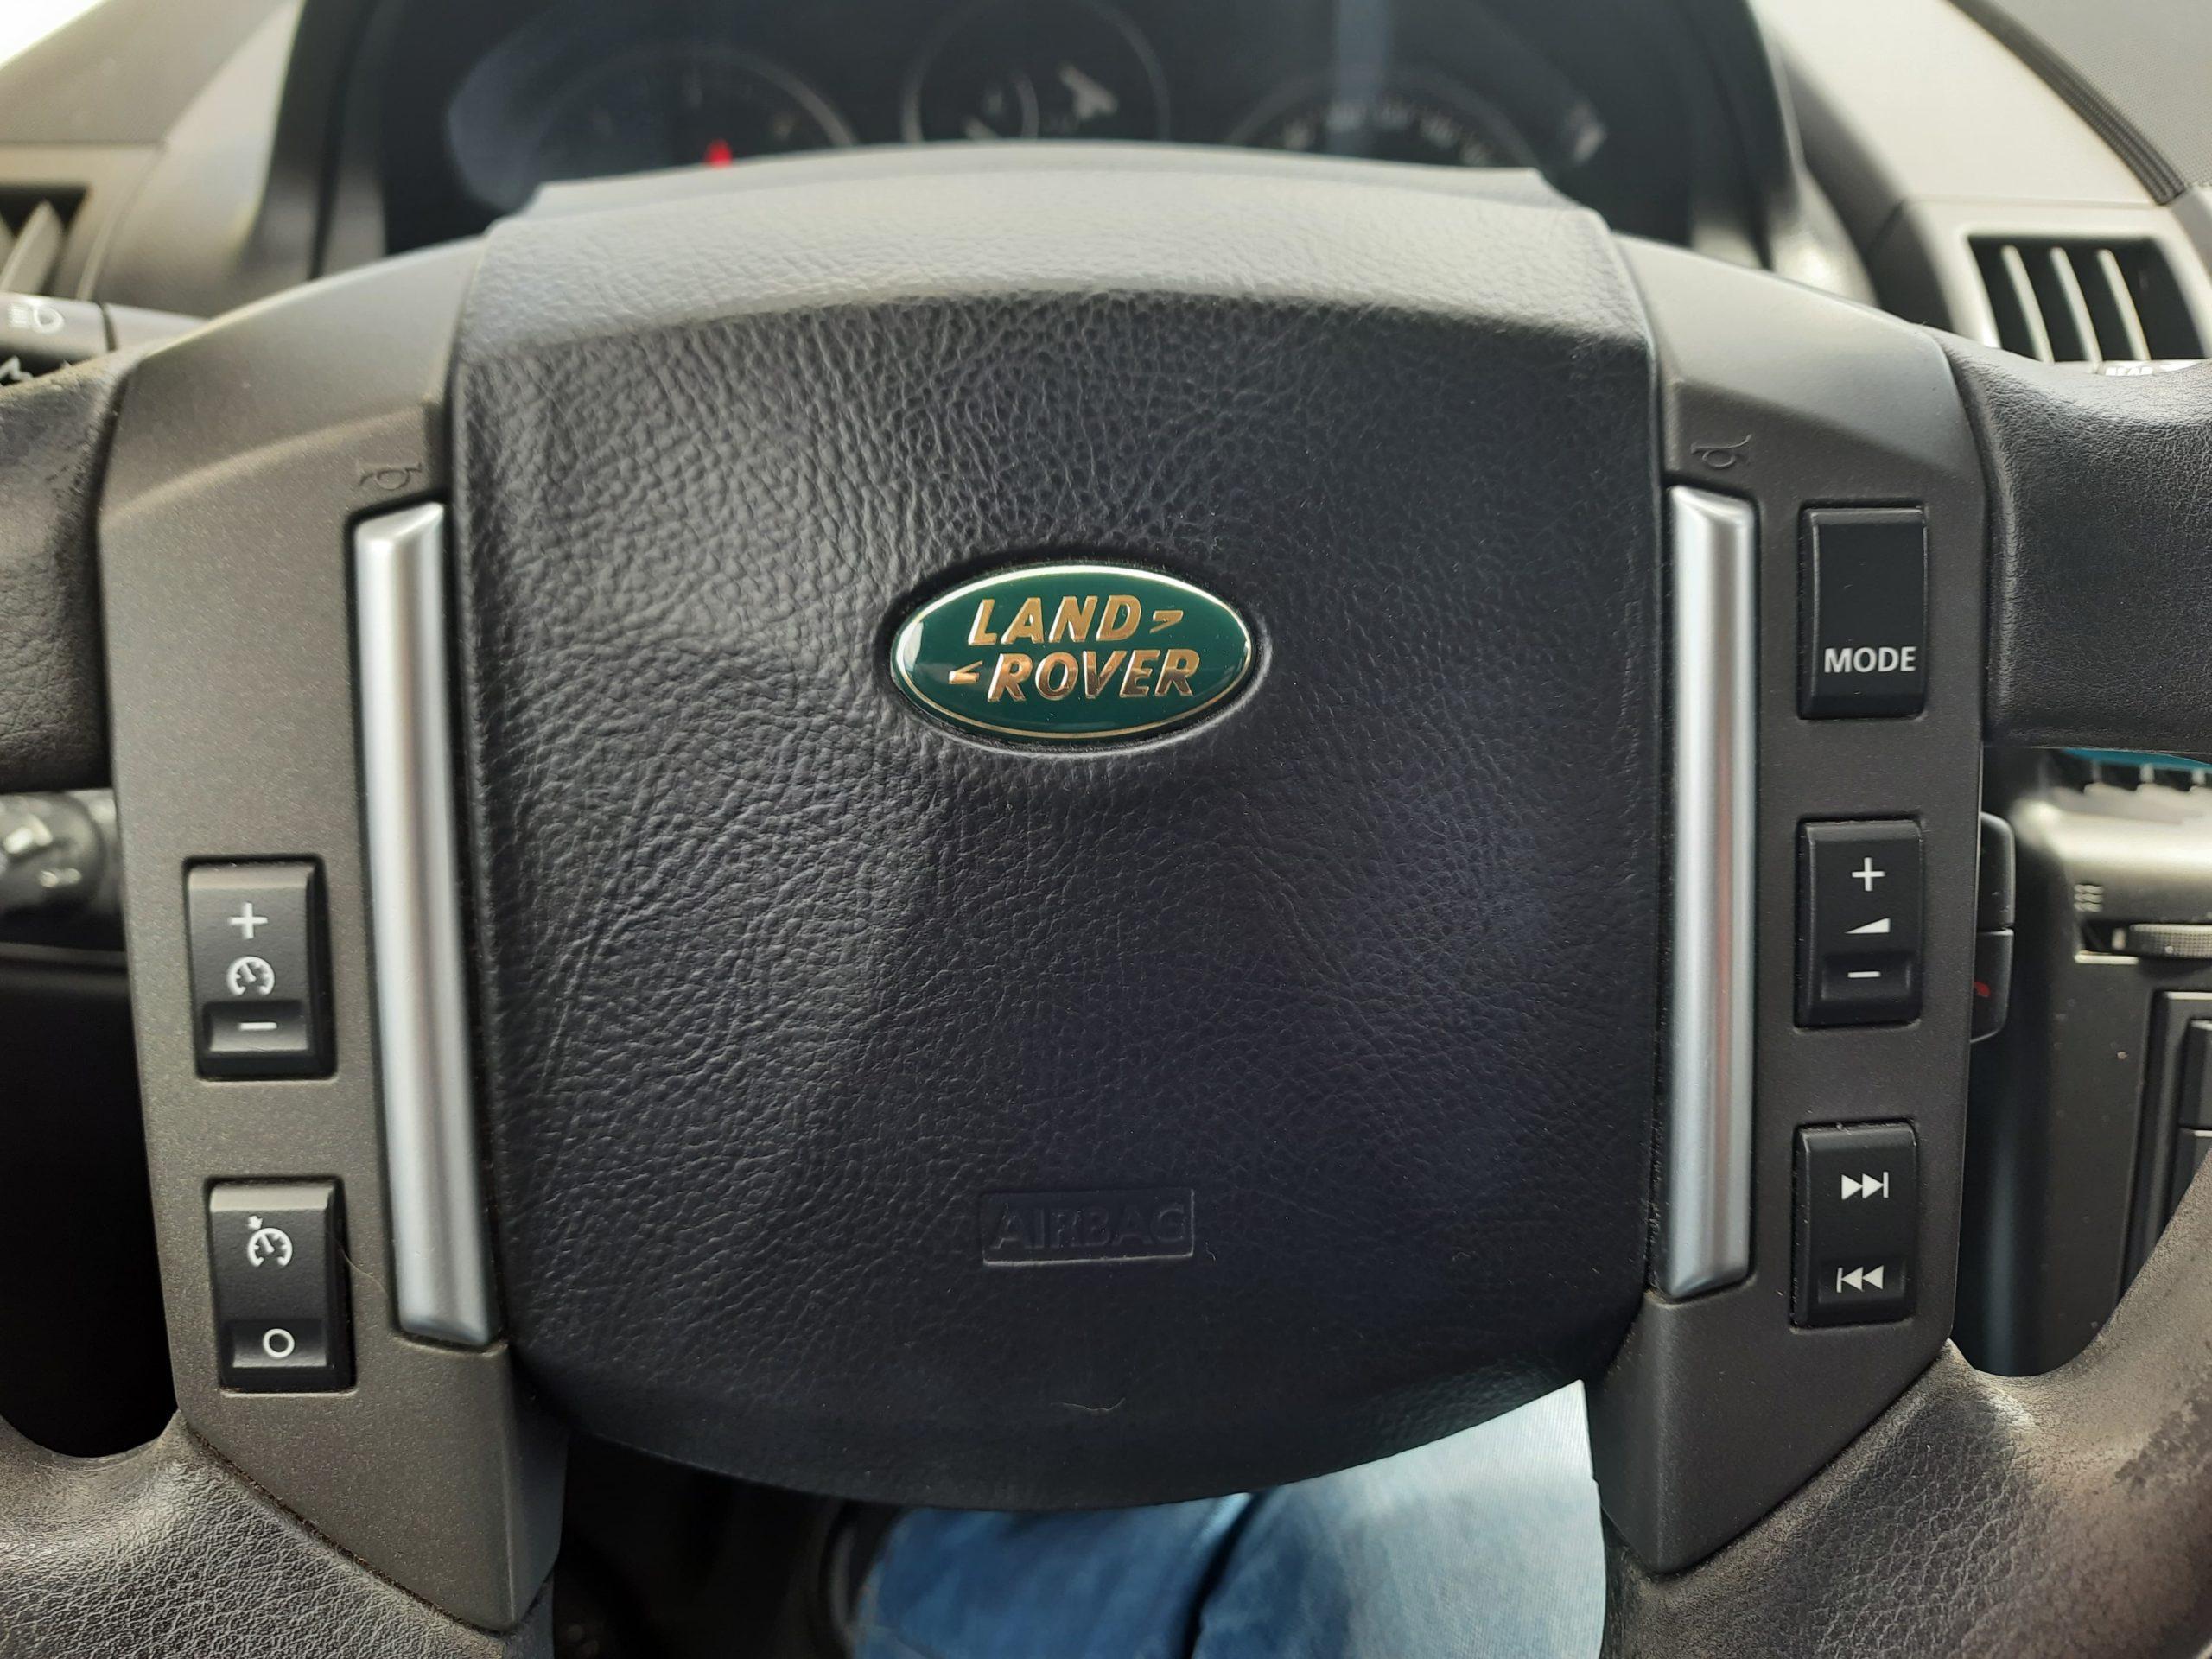 Land Rover Freelander 2 XS 2.2 TD4 (VERKOCHT)